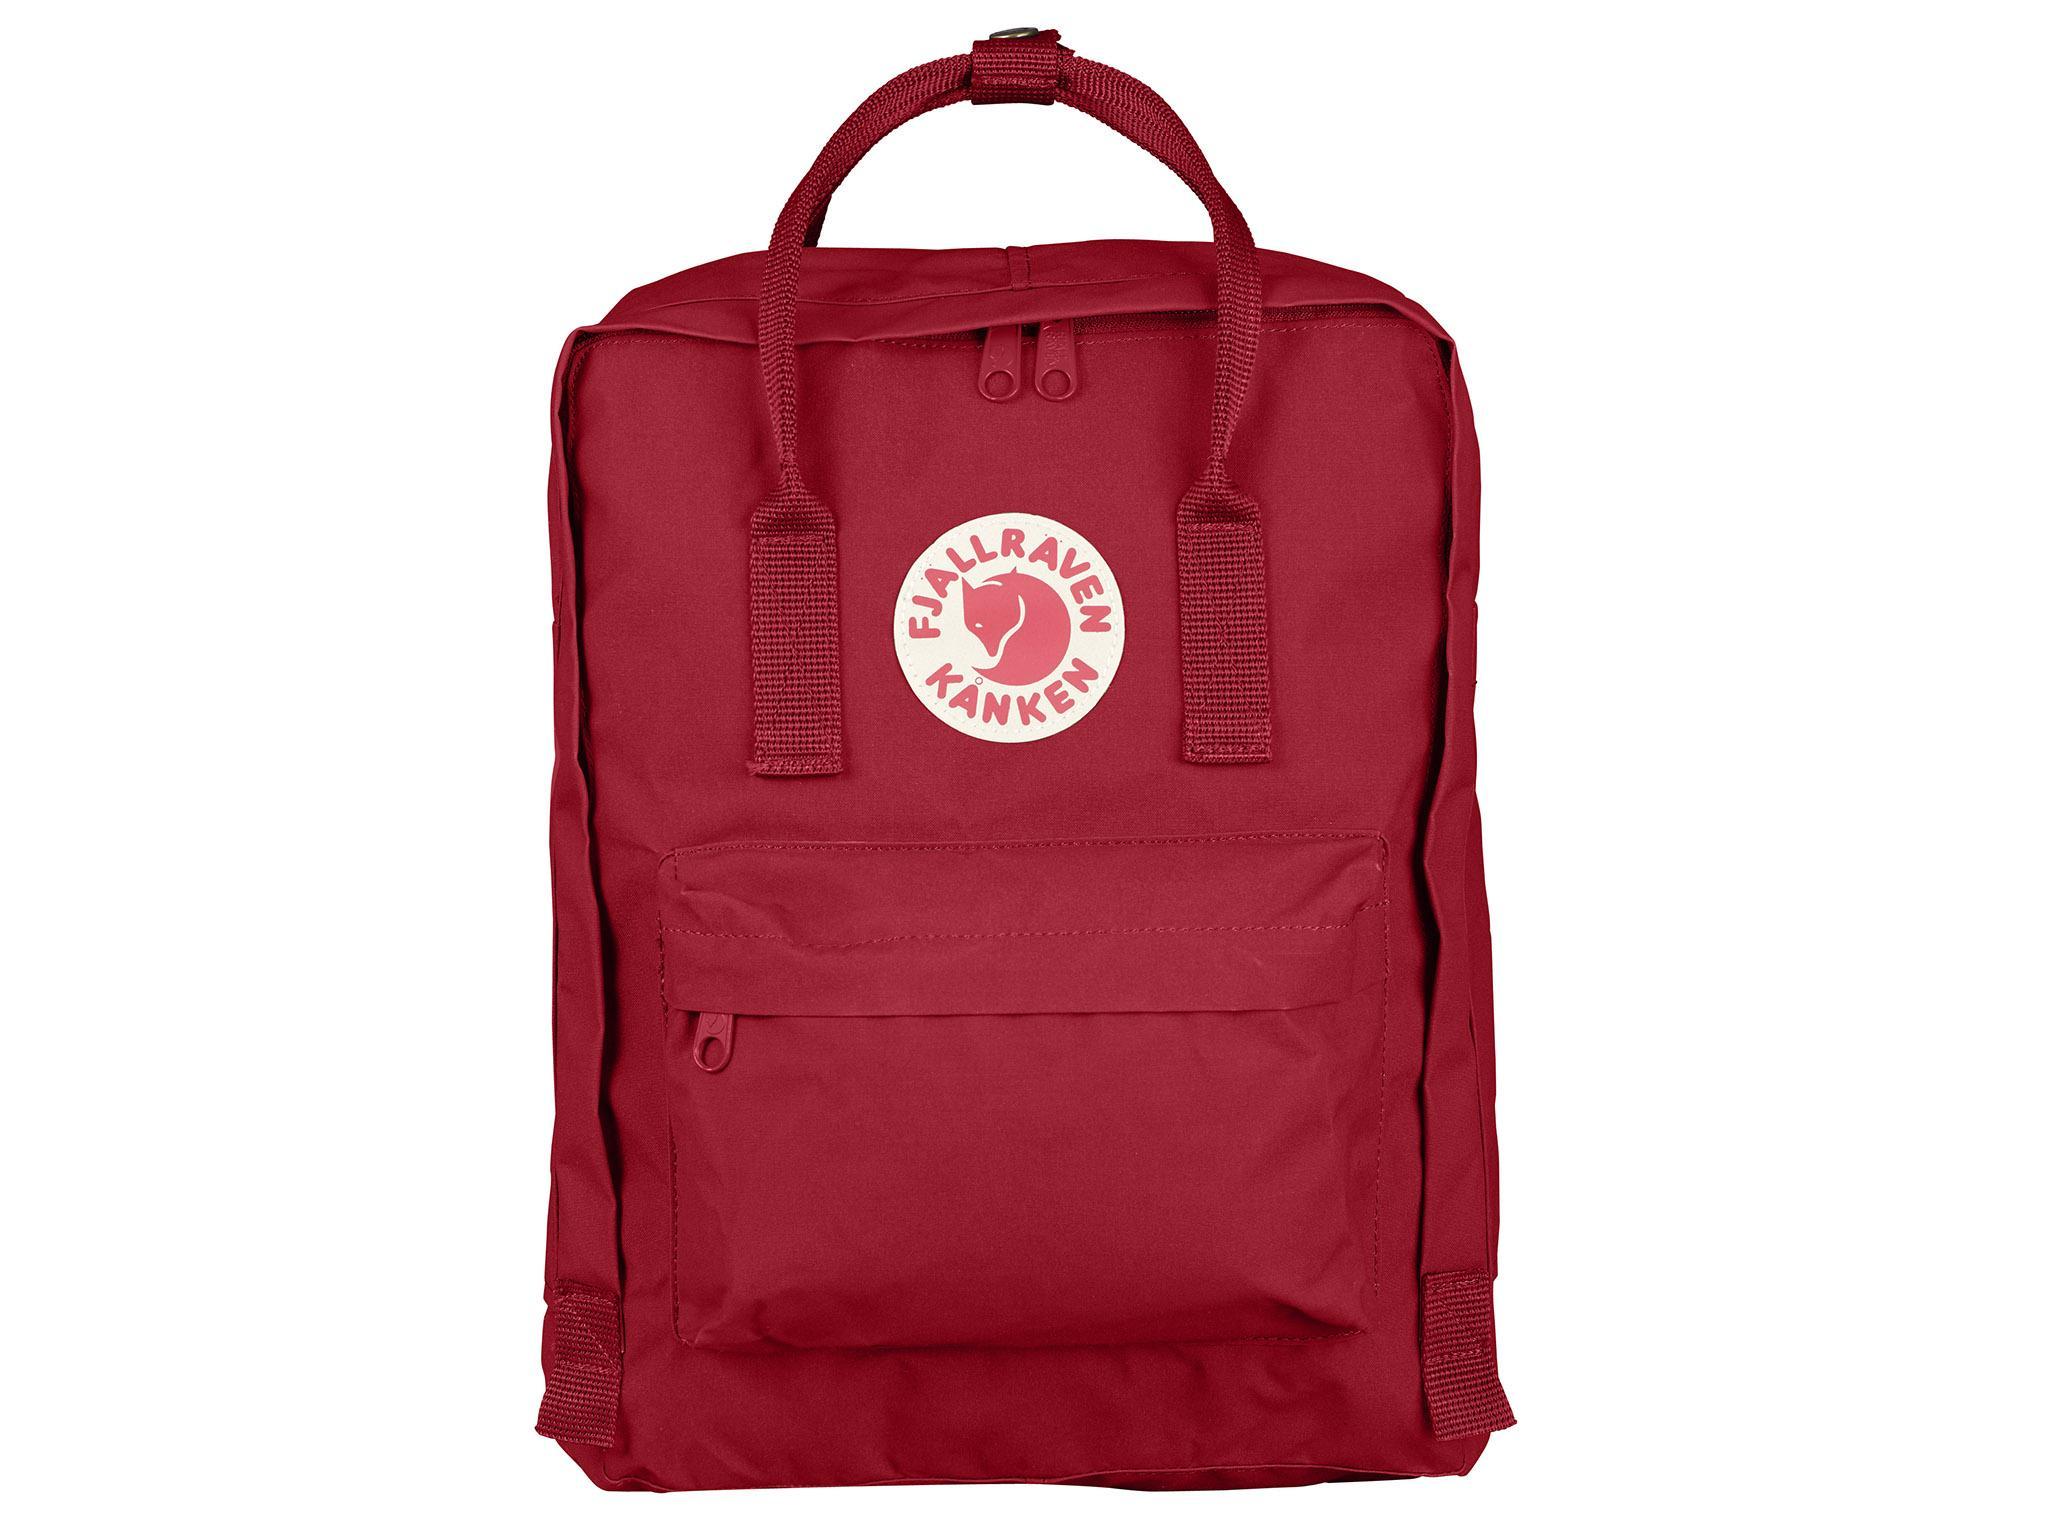 d428efc73dd0 The Fjallraven Kanken is the most expensive backpack on test